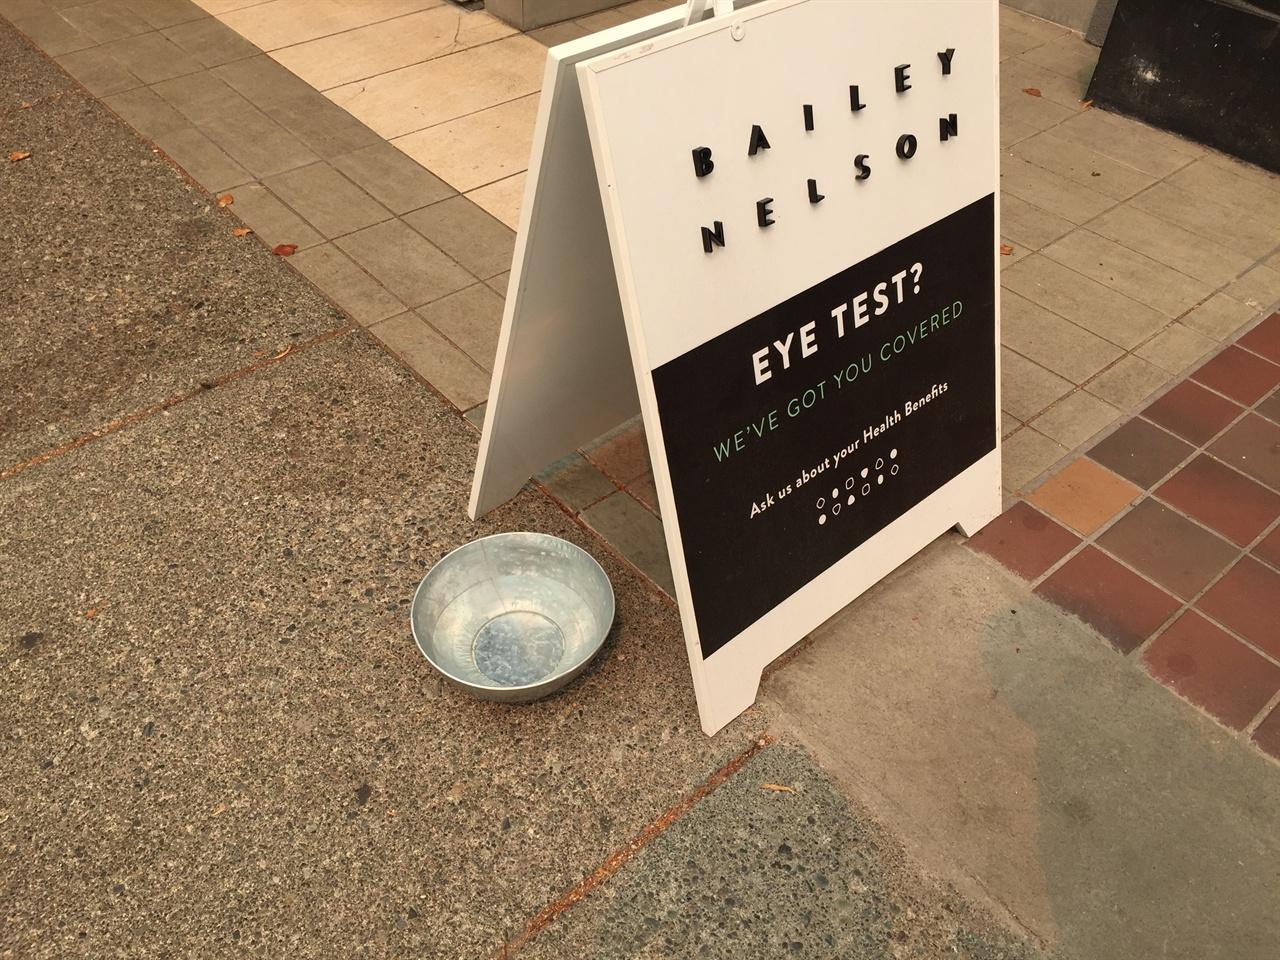 밴쿠버 우리 동네의 상점들은 아침이면 이렇게 물그릇을 내어 두었다. 지나가는 반려동물과 야생동물들을 위한 배려이다.